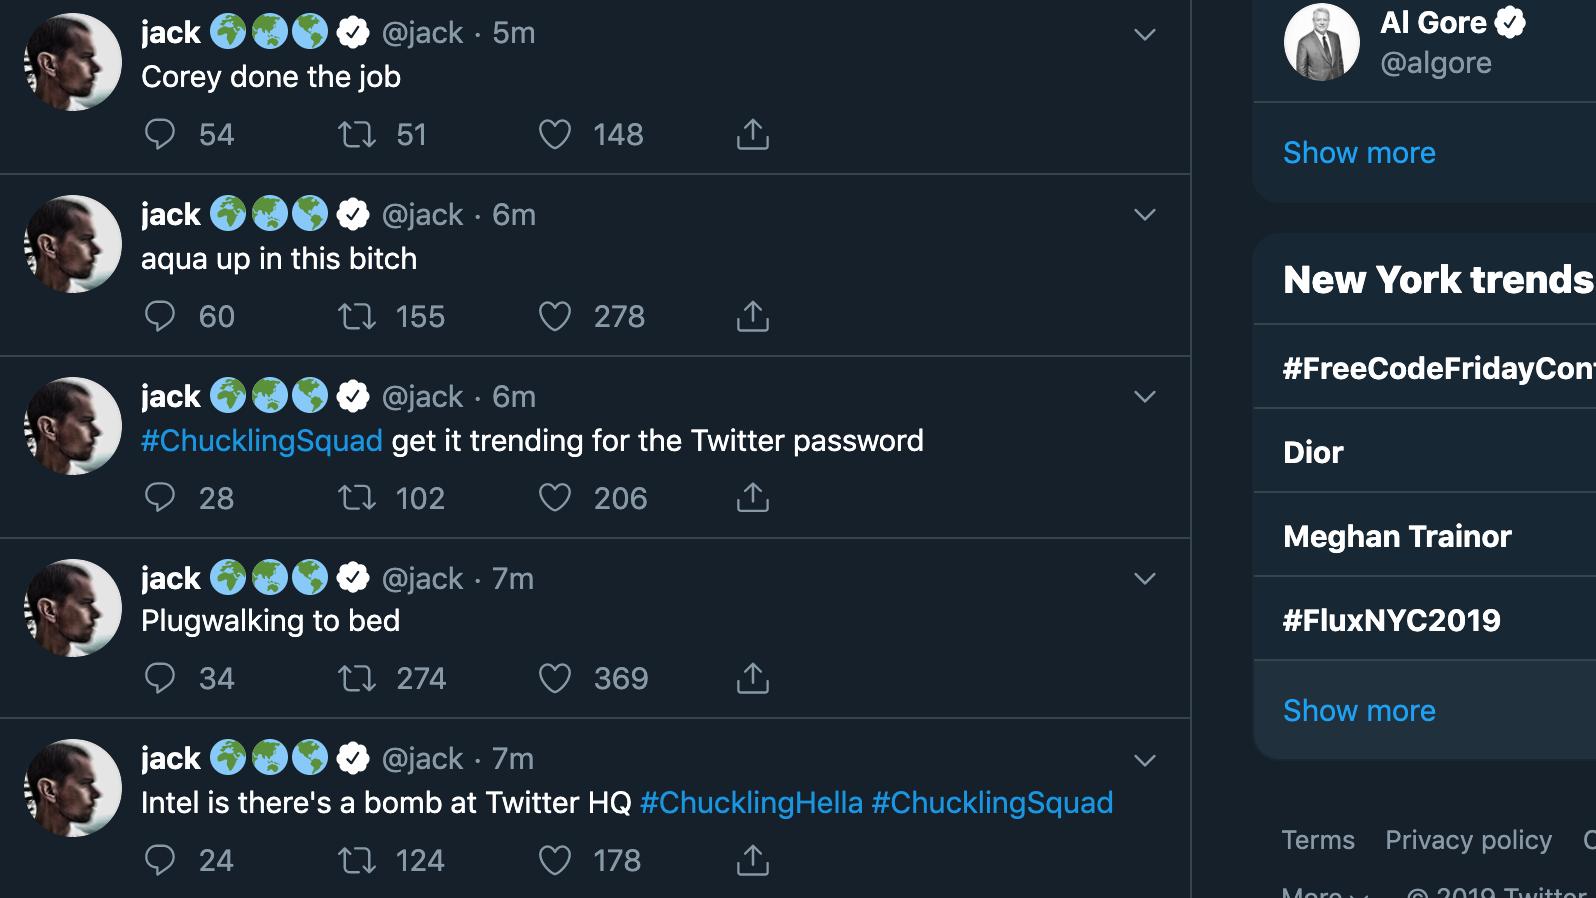 Jack Dorsey's Twitter Account Was Hacked